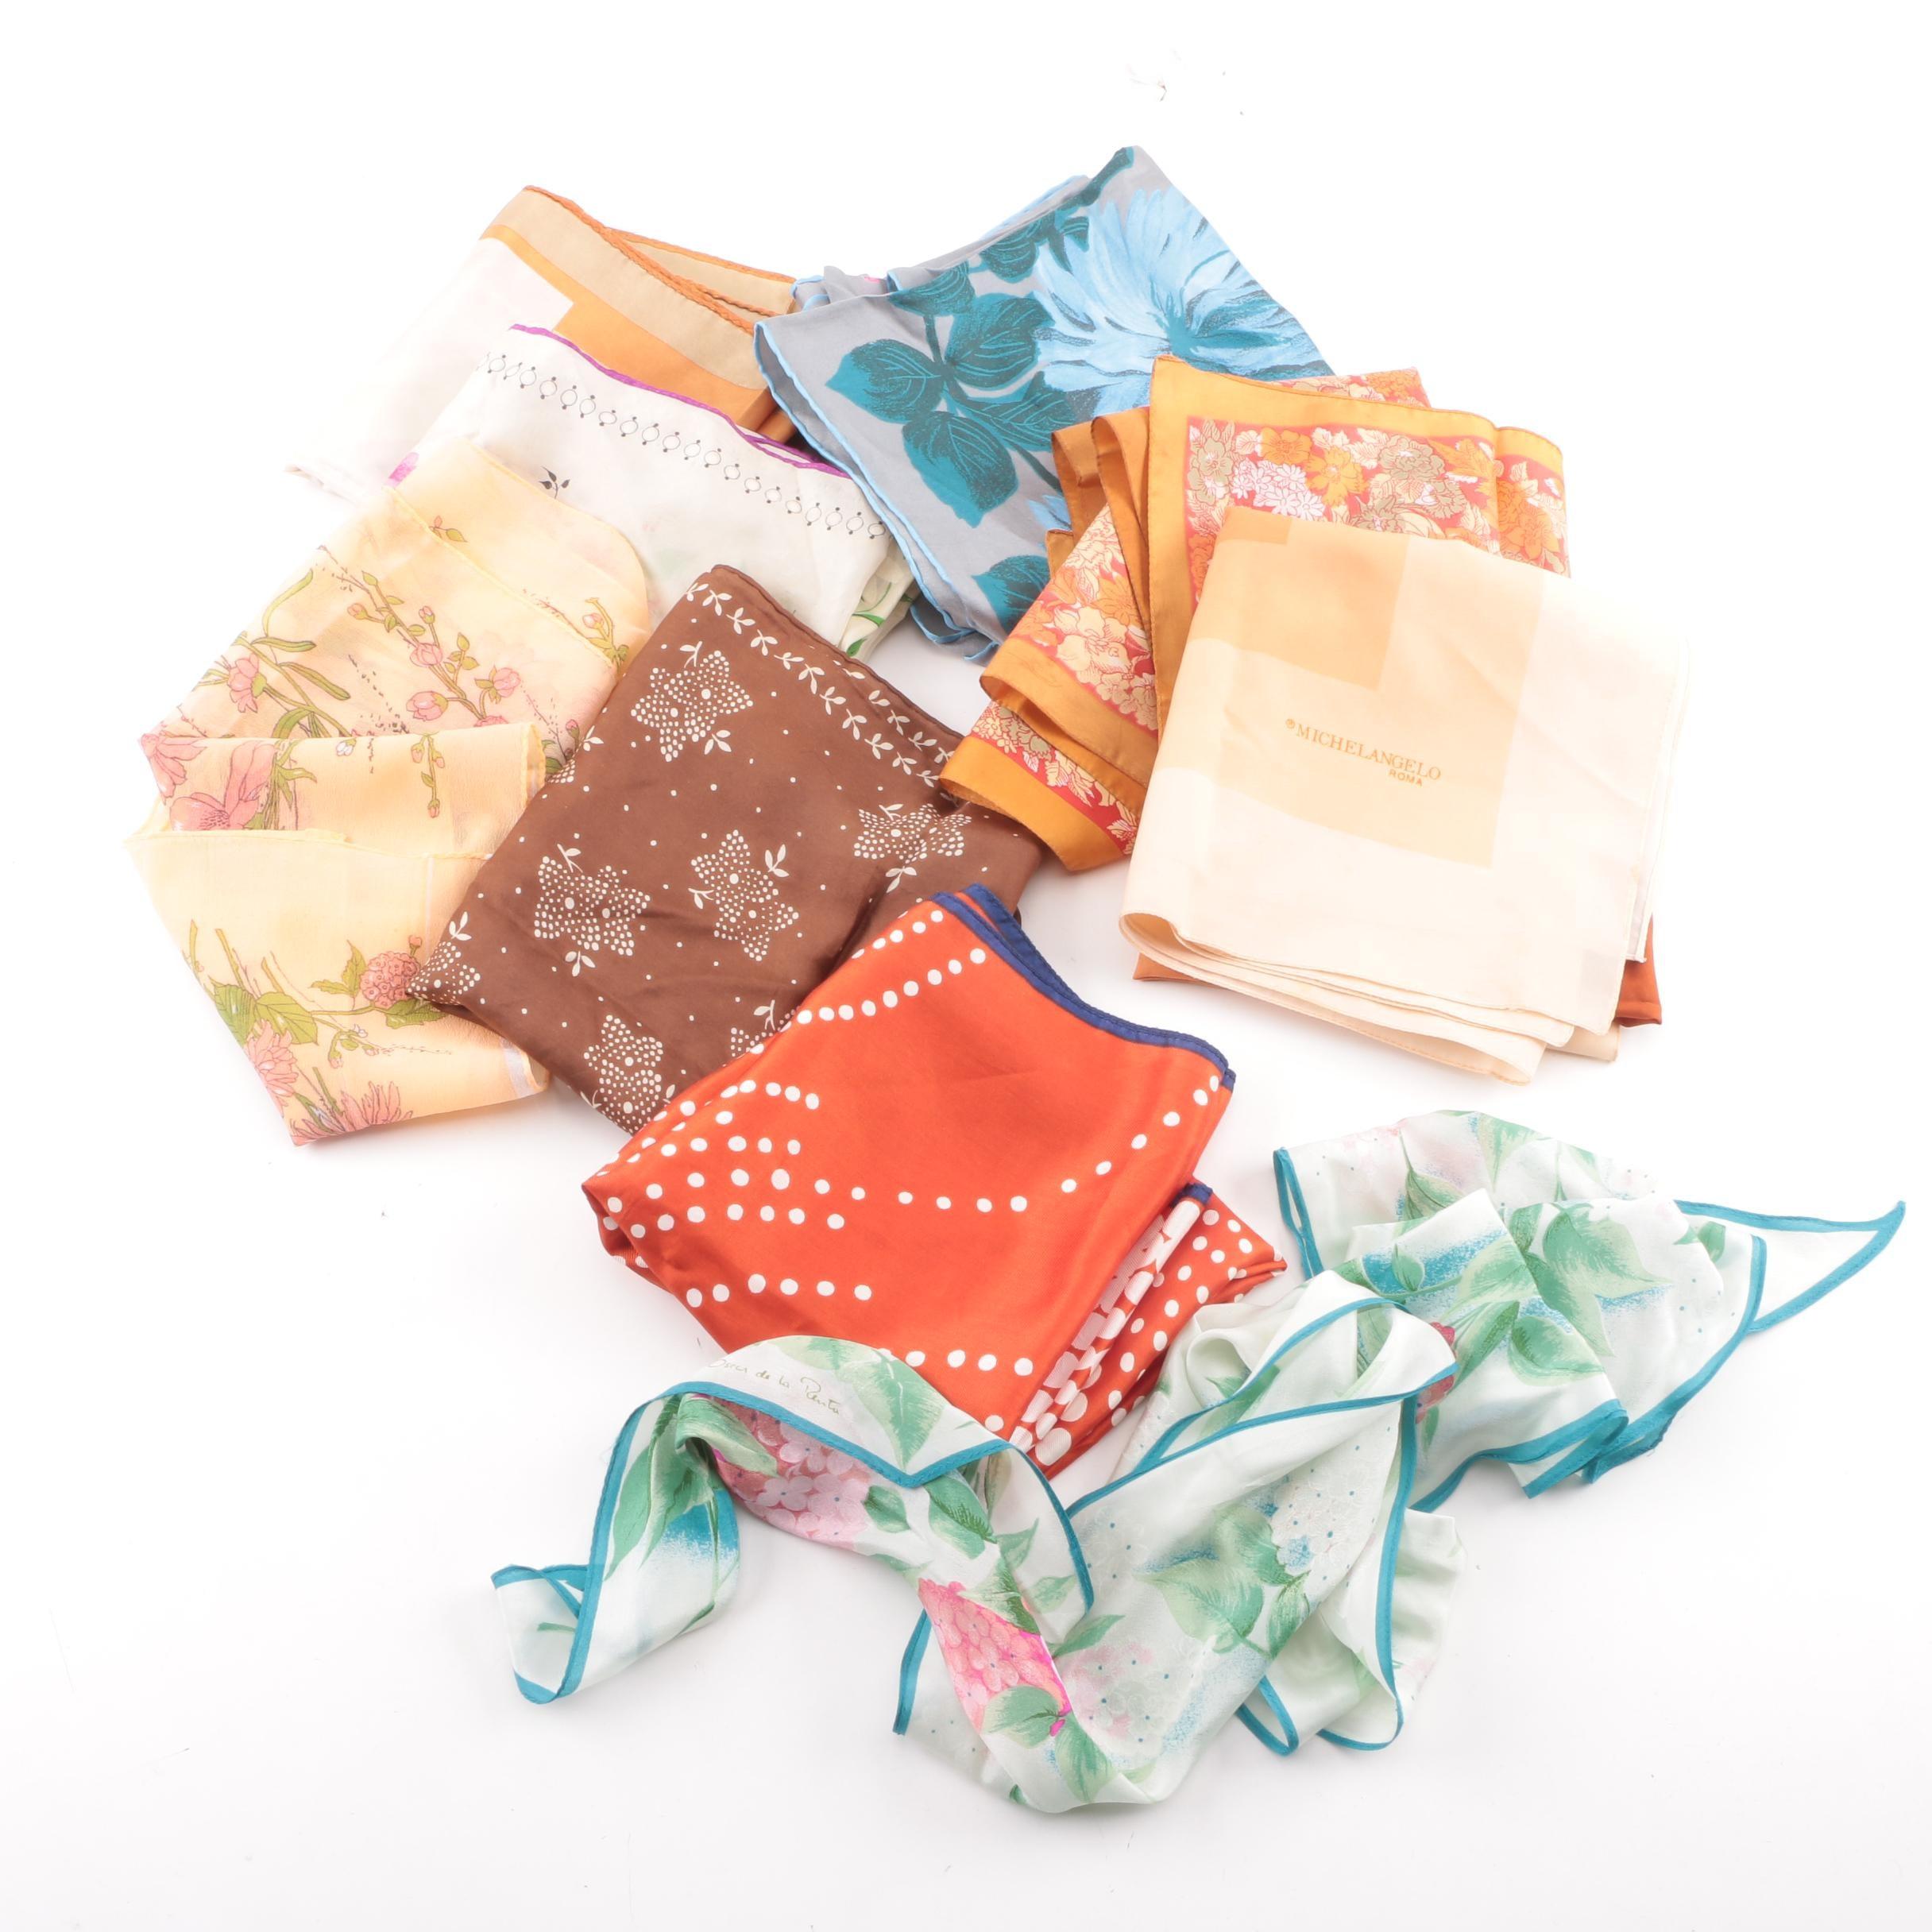 Vintage Floral and Polka Dot Print Scarves